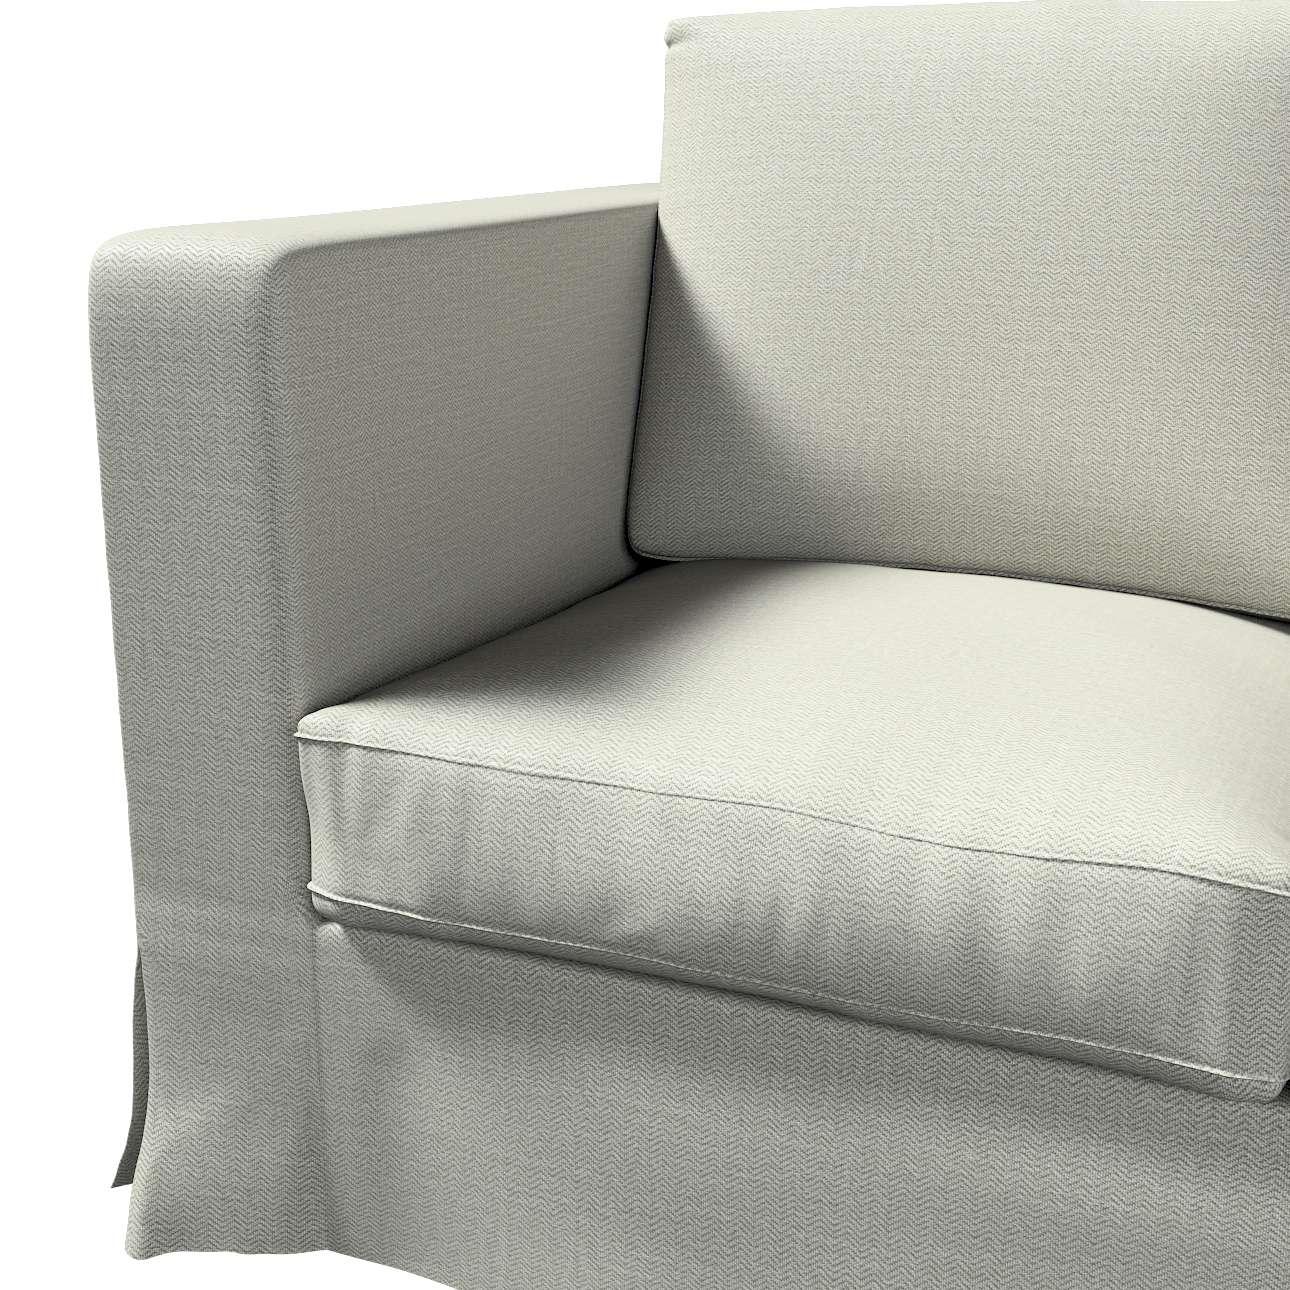 Karlanda klädsel 3-sits soffa - lång i kollektionen Bergen, Tyg: 161-83